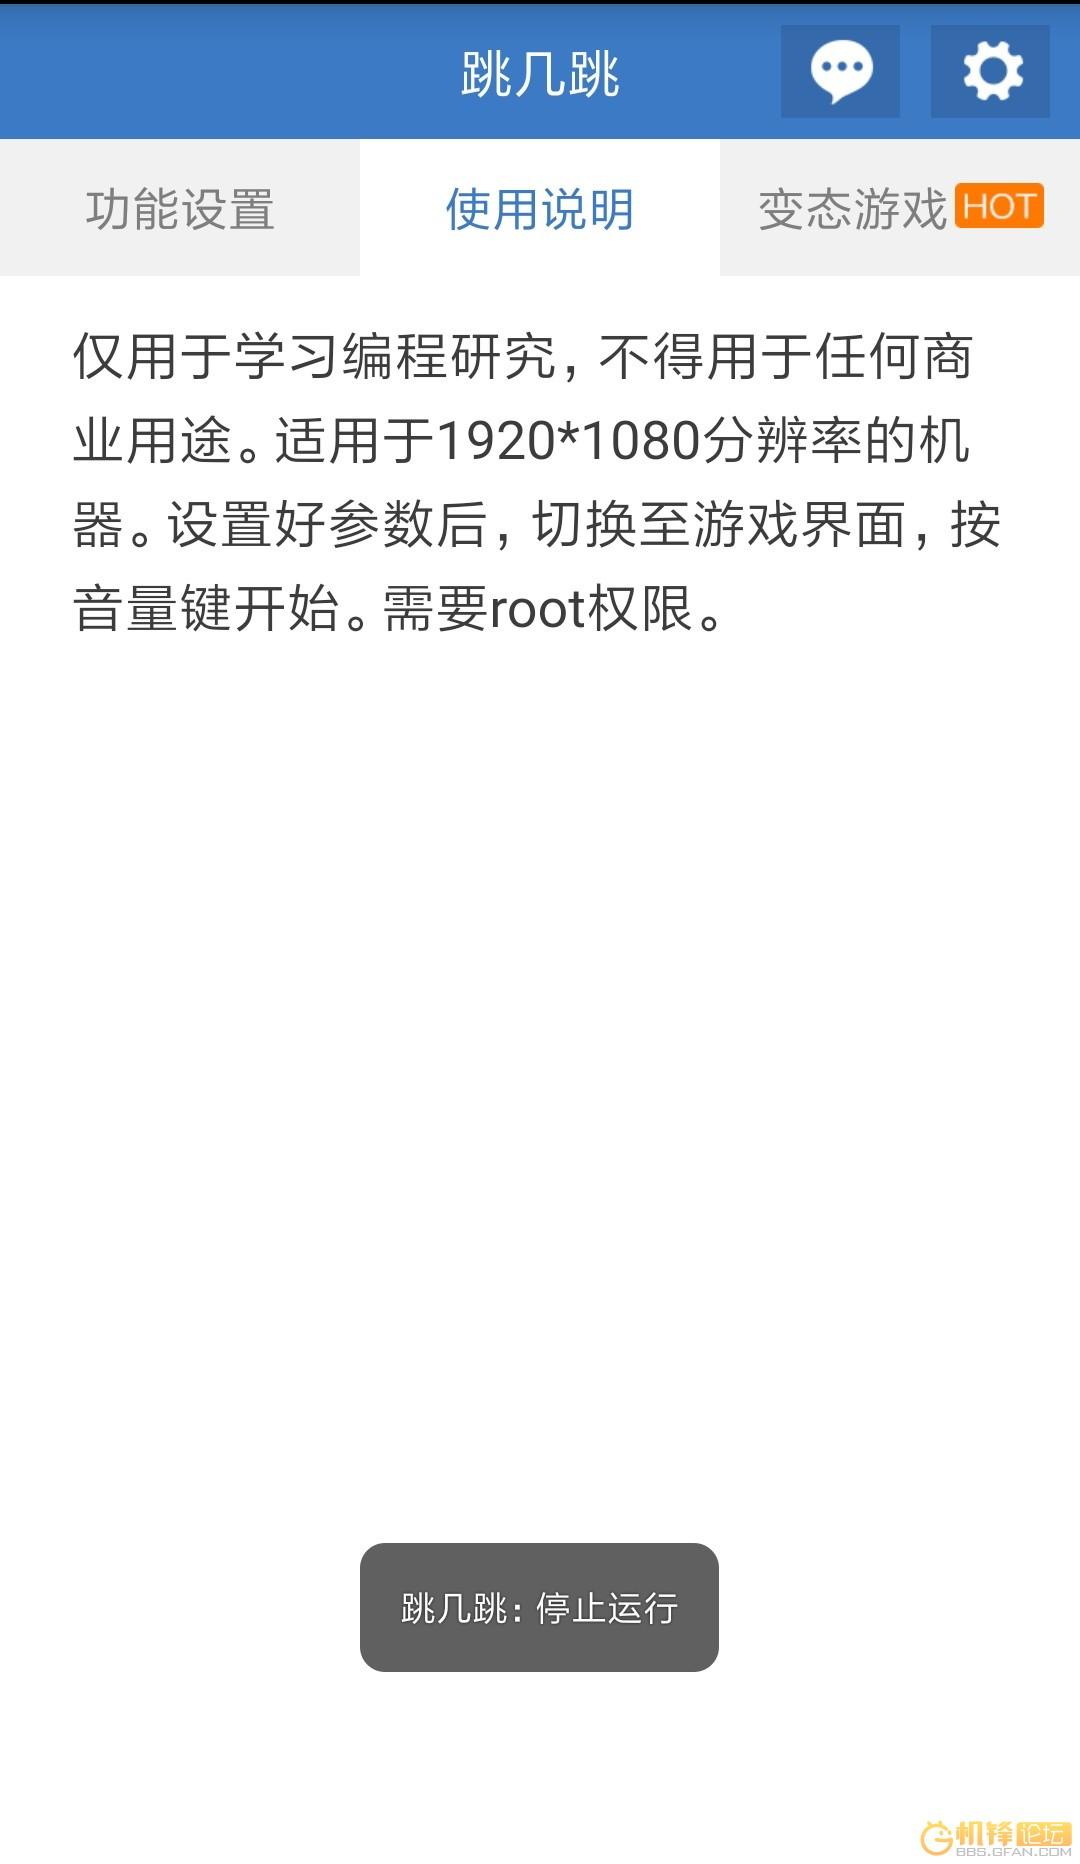 mmexport1514846716257_01.jpg